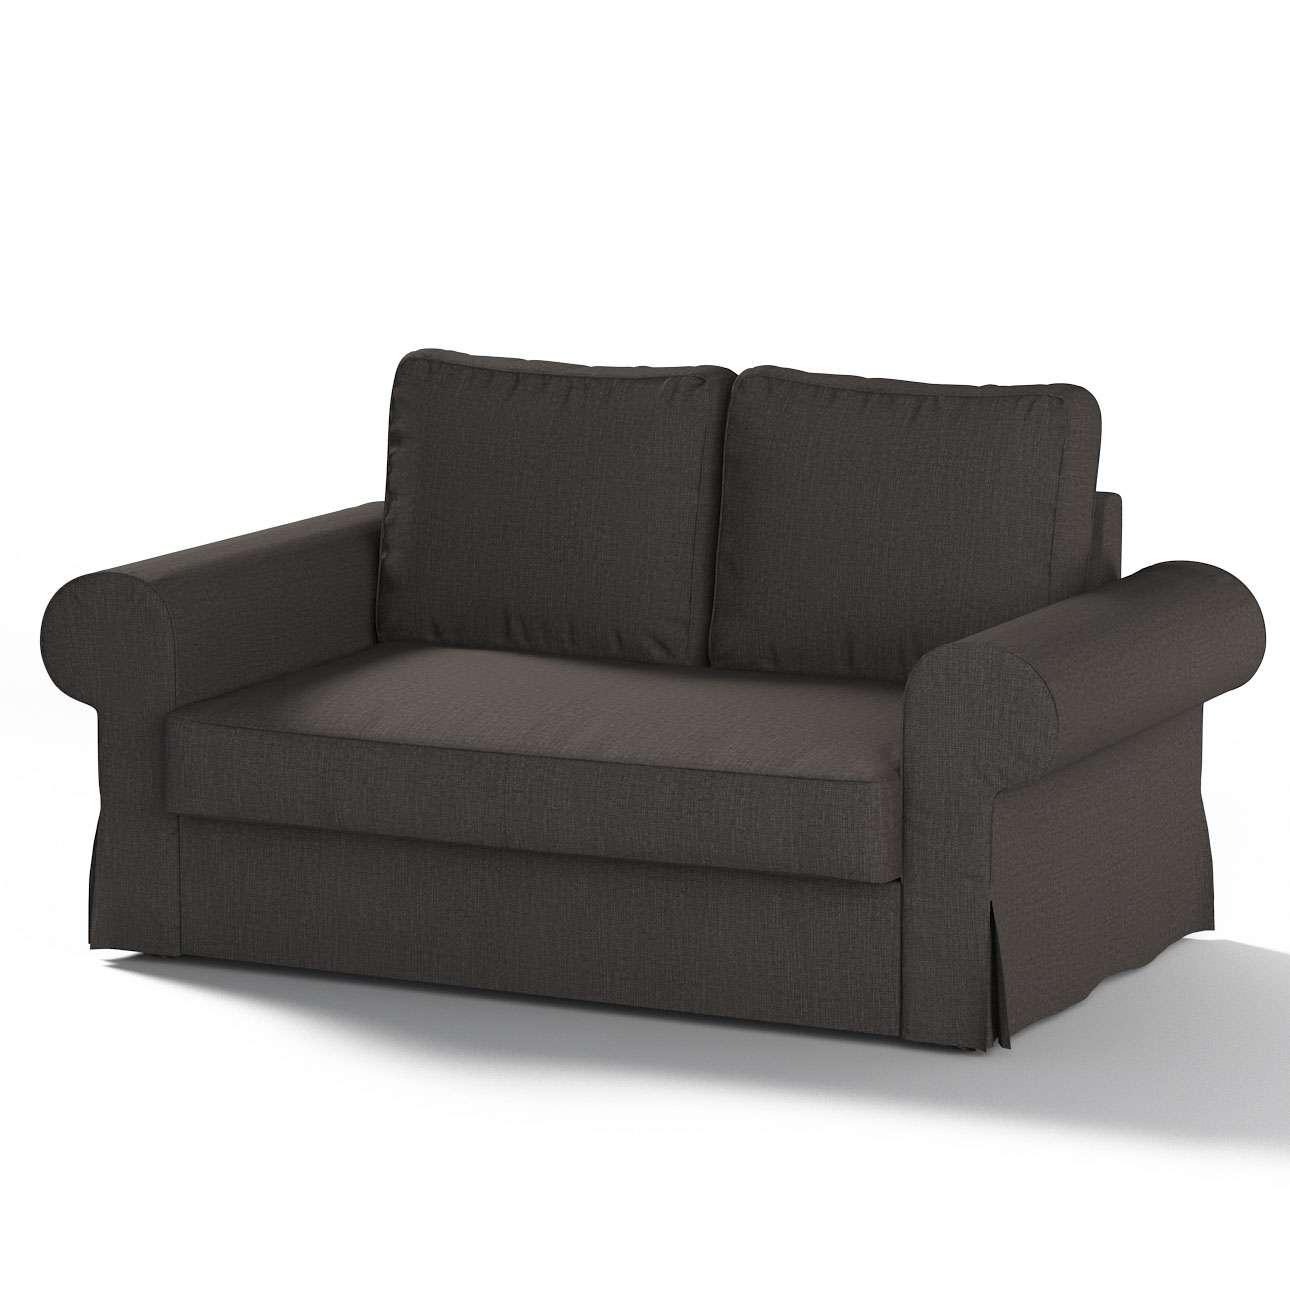 Pokrowiec na sofę Backabro 2-osobową rozkładaną w kolekcji Etna, tkanina: 702-36